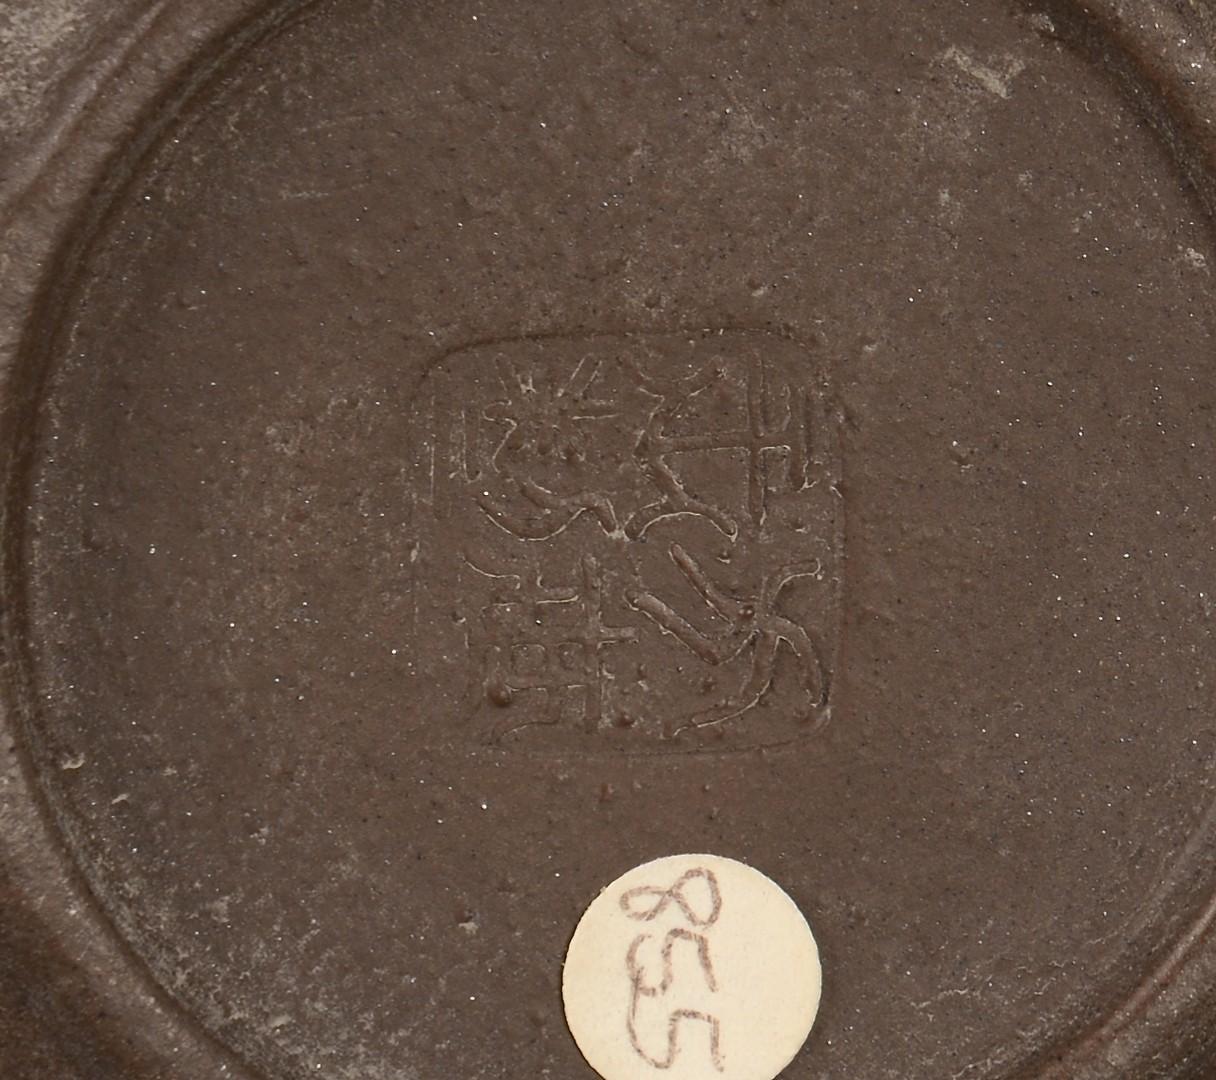 Lot 3594223: Chinese Yixing Teapot & Japanese Tokoname Mug